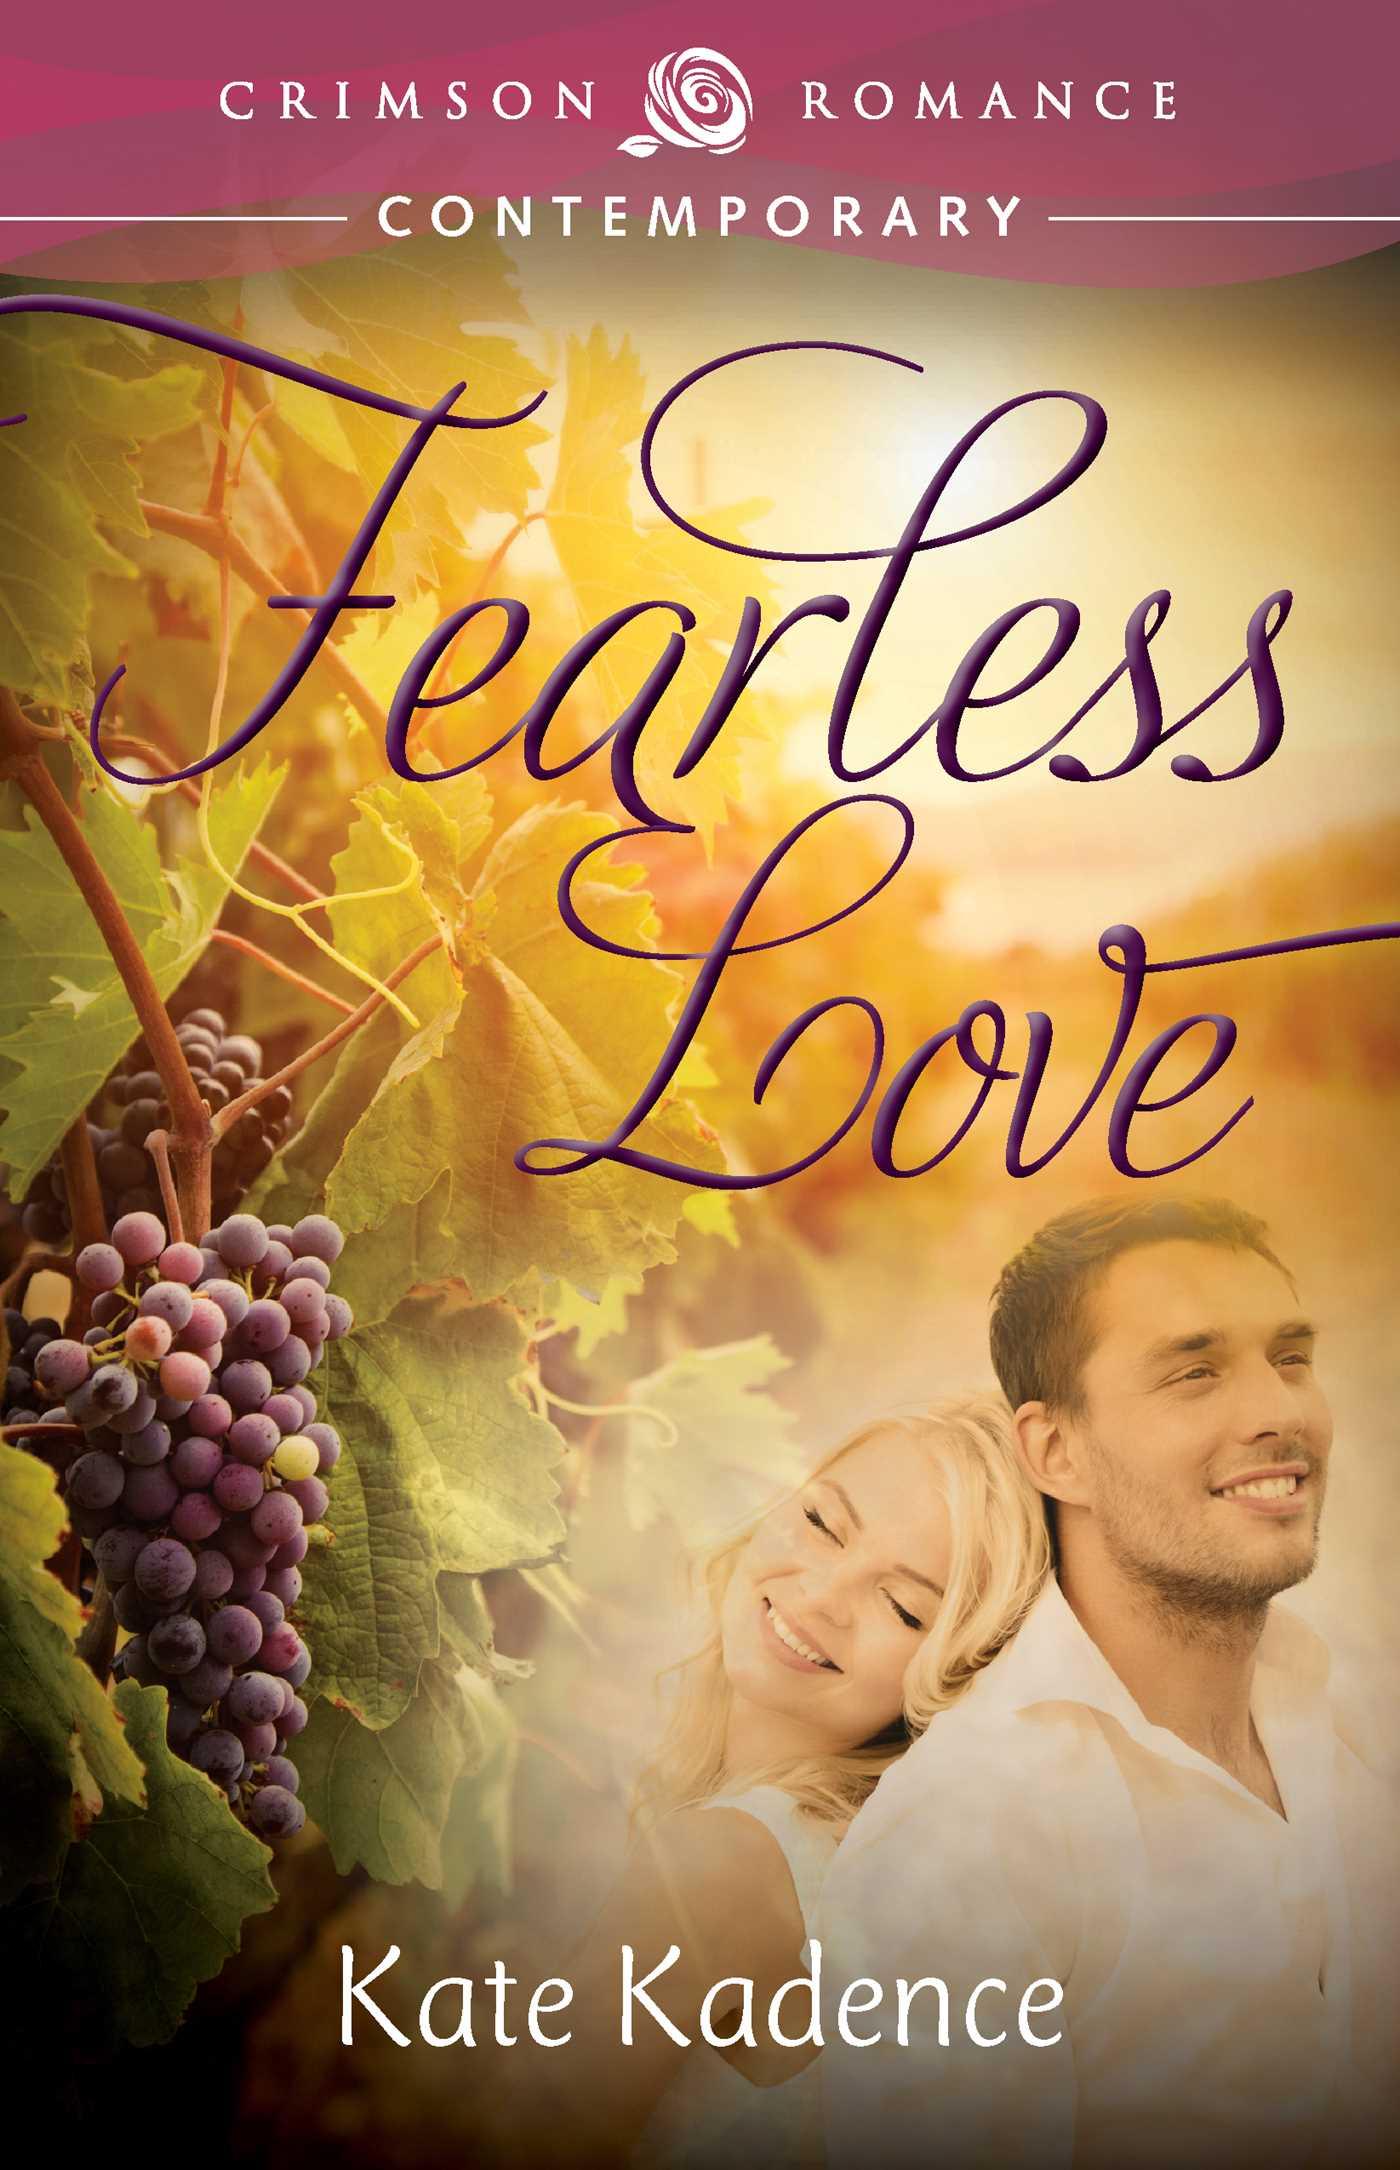 Fearless love 9781440582677 hr